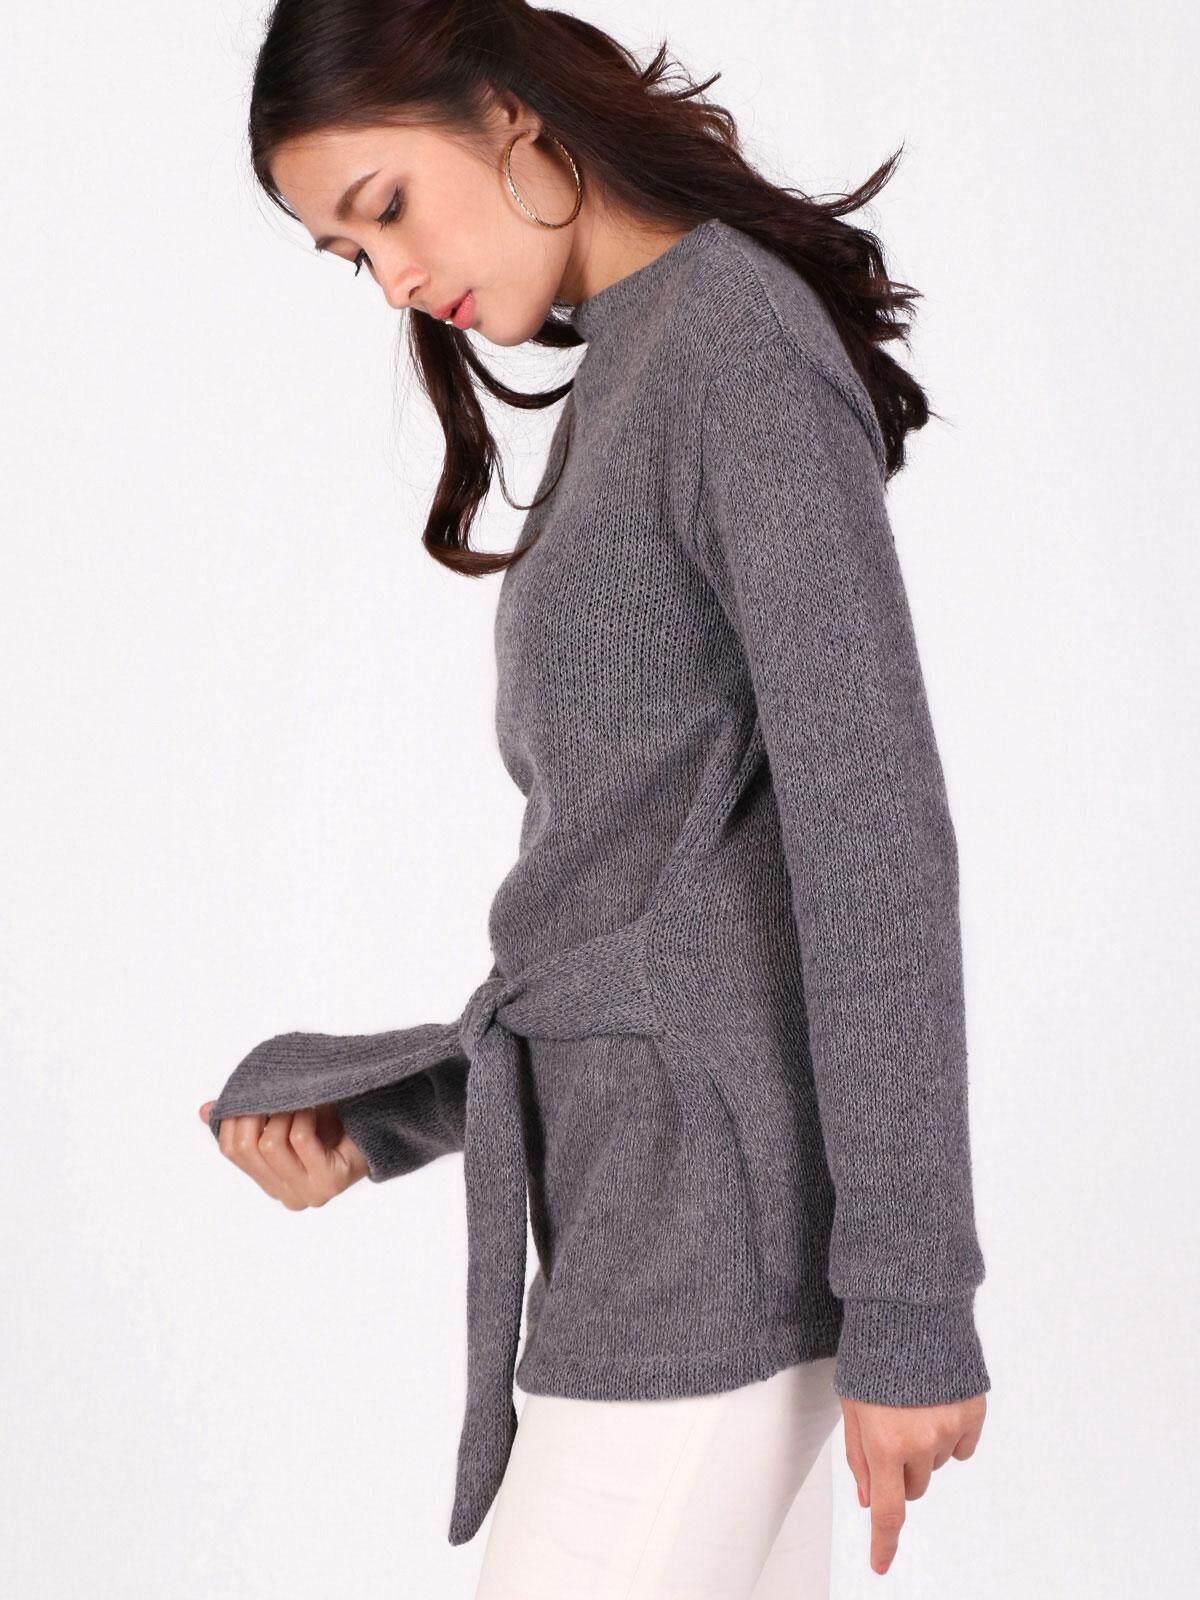 ขายดีมาก! (ส่งฟรี Kerry) Mixon เสื้อกันหนาว เสื้อสเวตเตอร์ผูกโบว์ Adalene Sweater Bow Tie